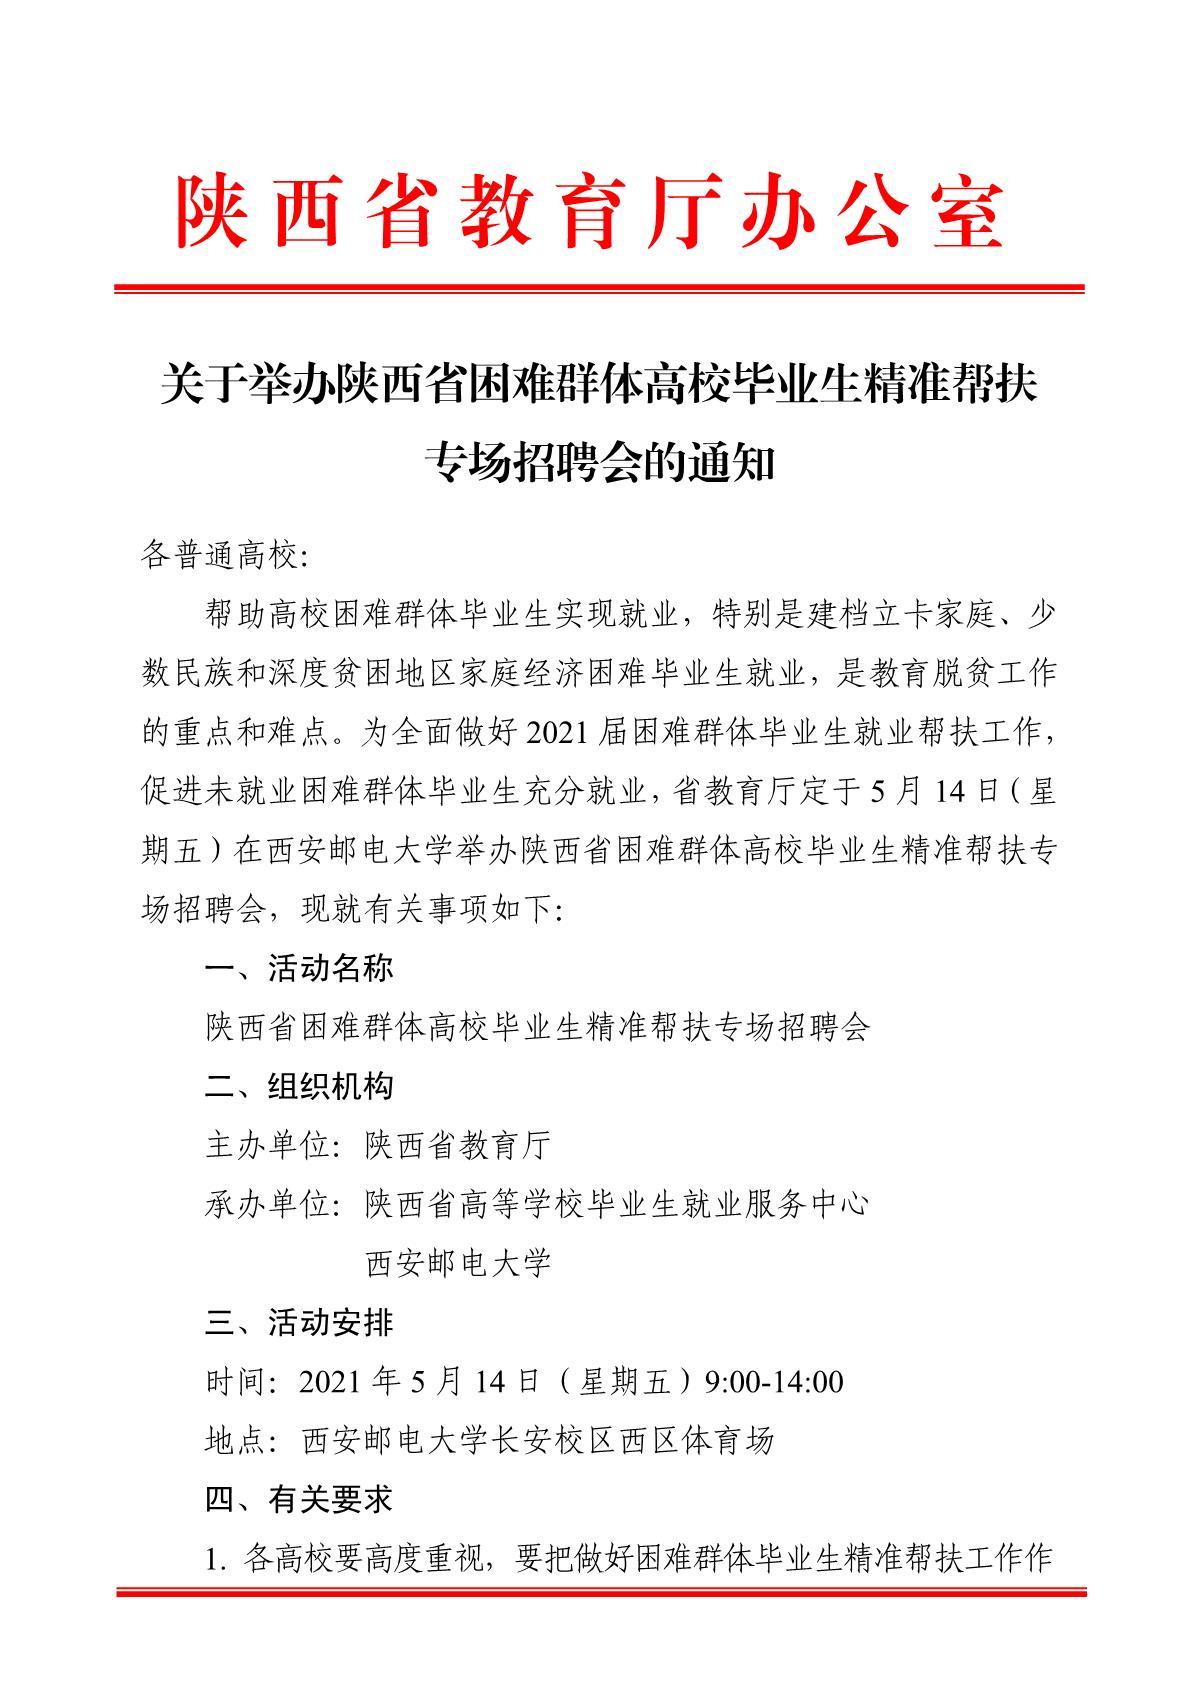 关于举办陕西省困难群体高校毕业生精准帮扶专场招聘会的通知(3)_1.JPG